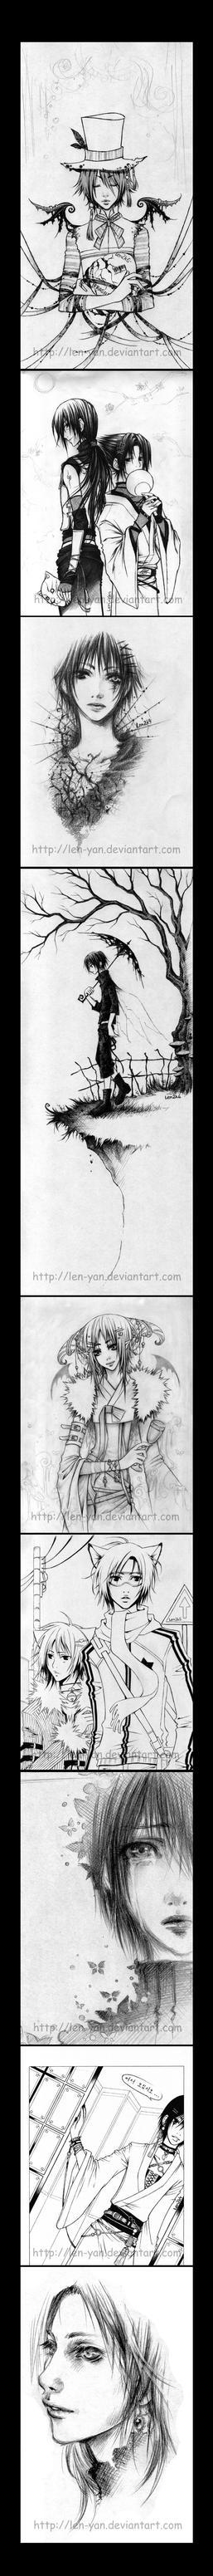 linearts by len-yan